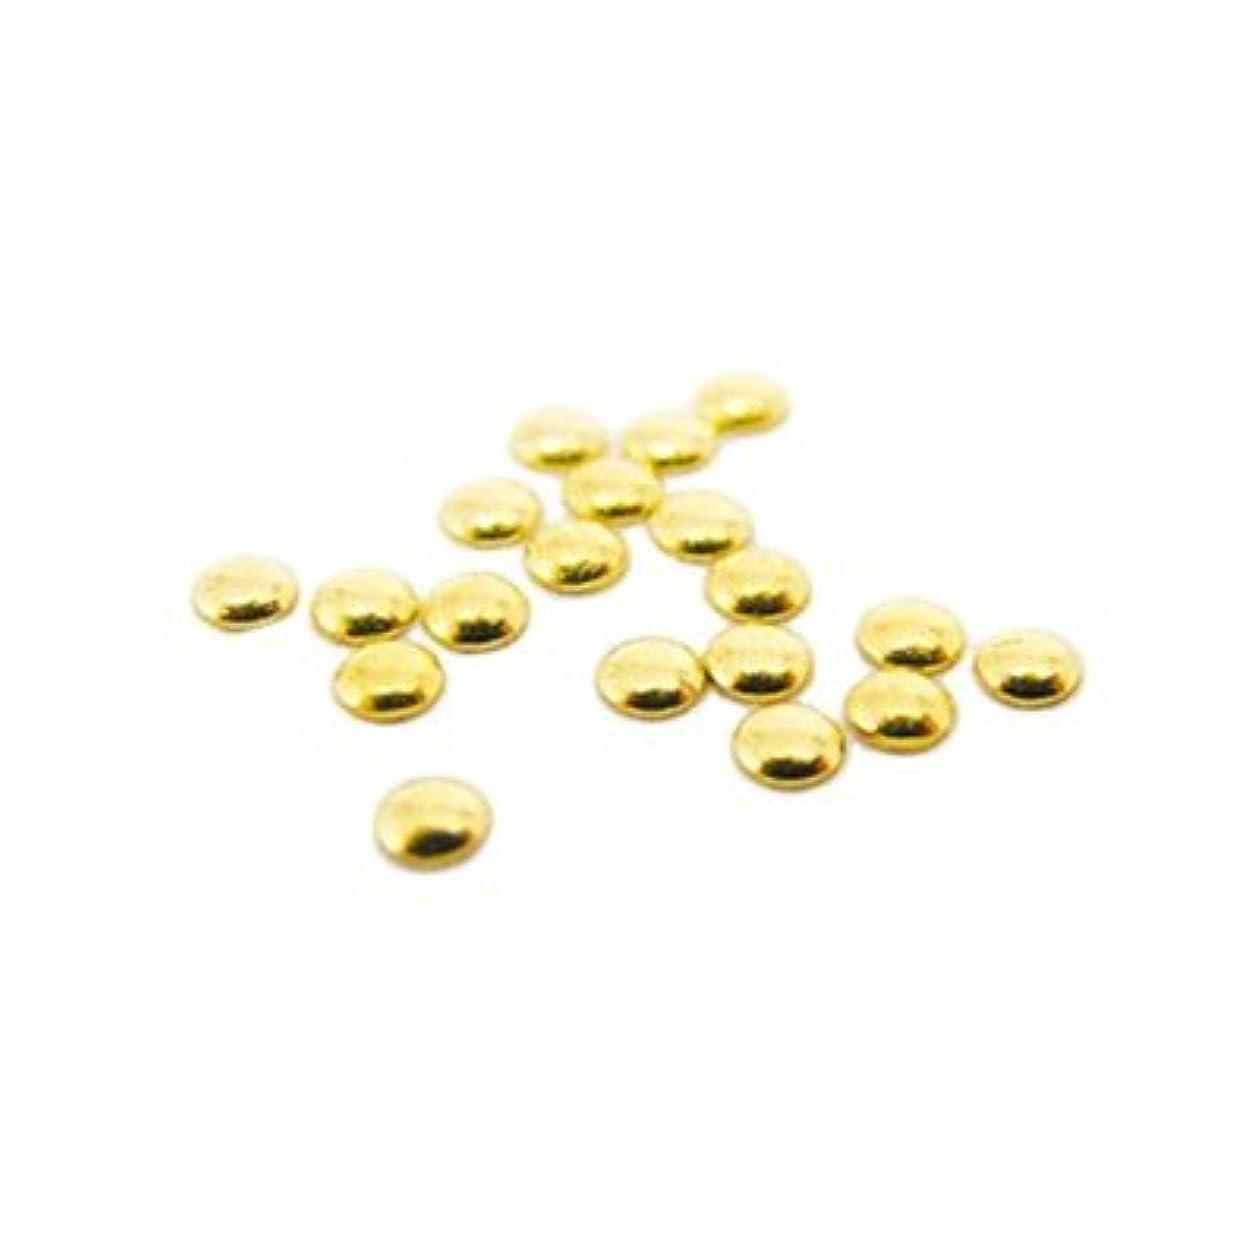 バックグラウンドエンジニアリングアーティキュレーションピアドラ スタッズ 1.2mm 100P ゴールド